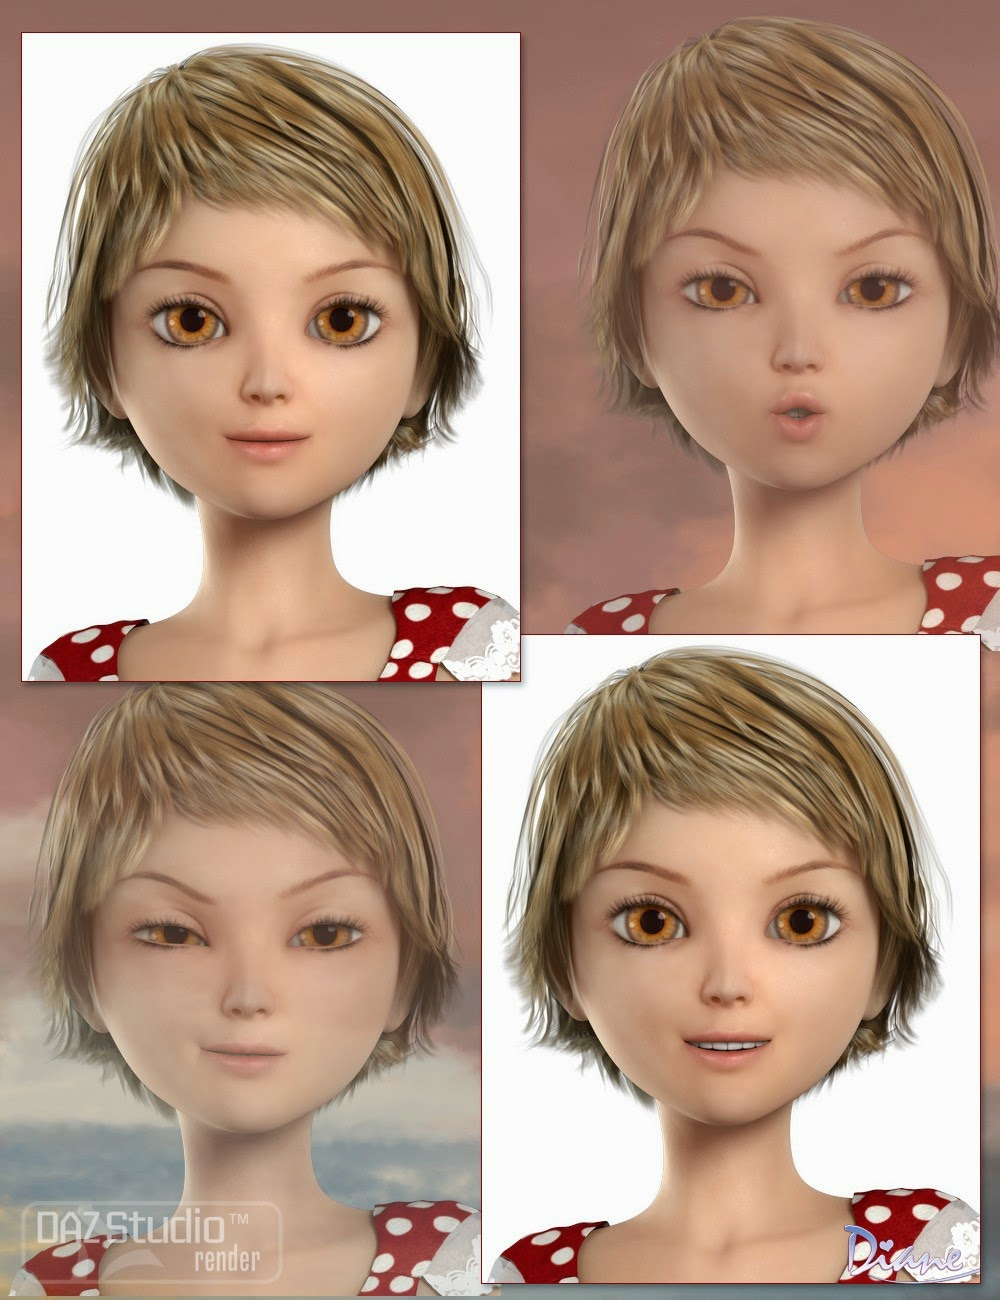 Keiko 6 Expressive